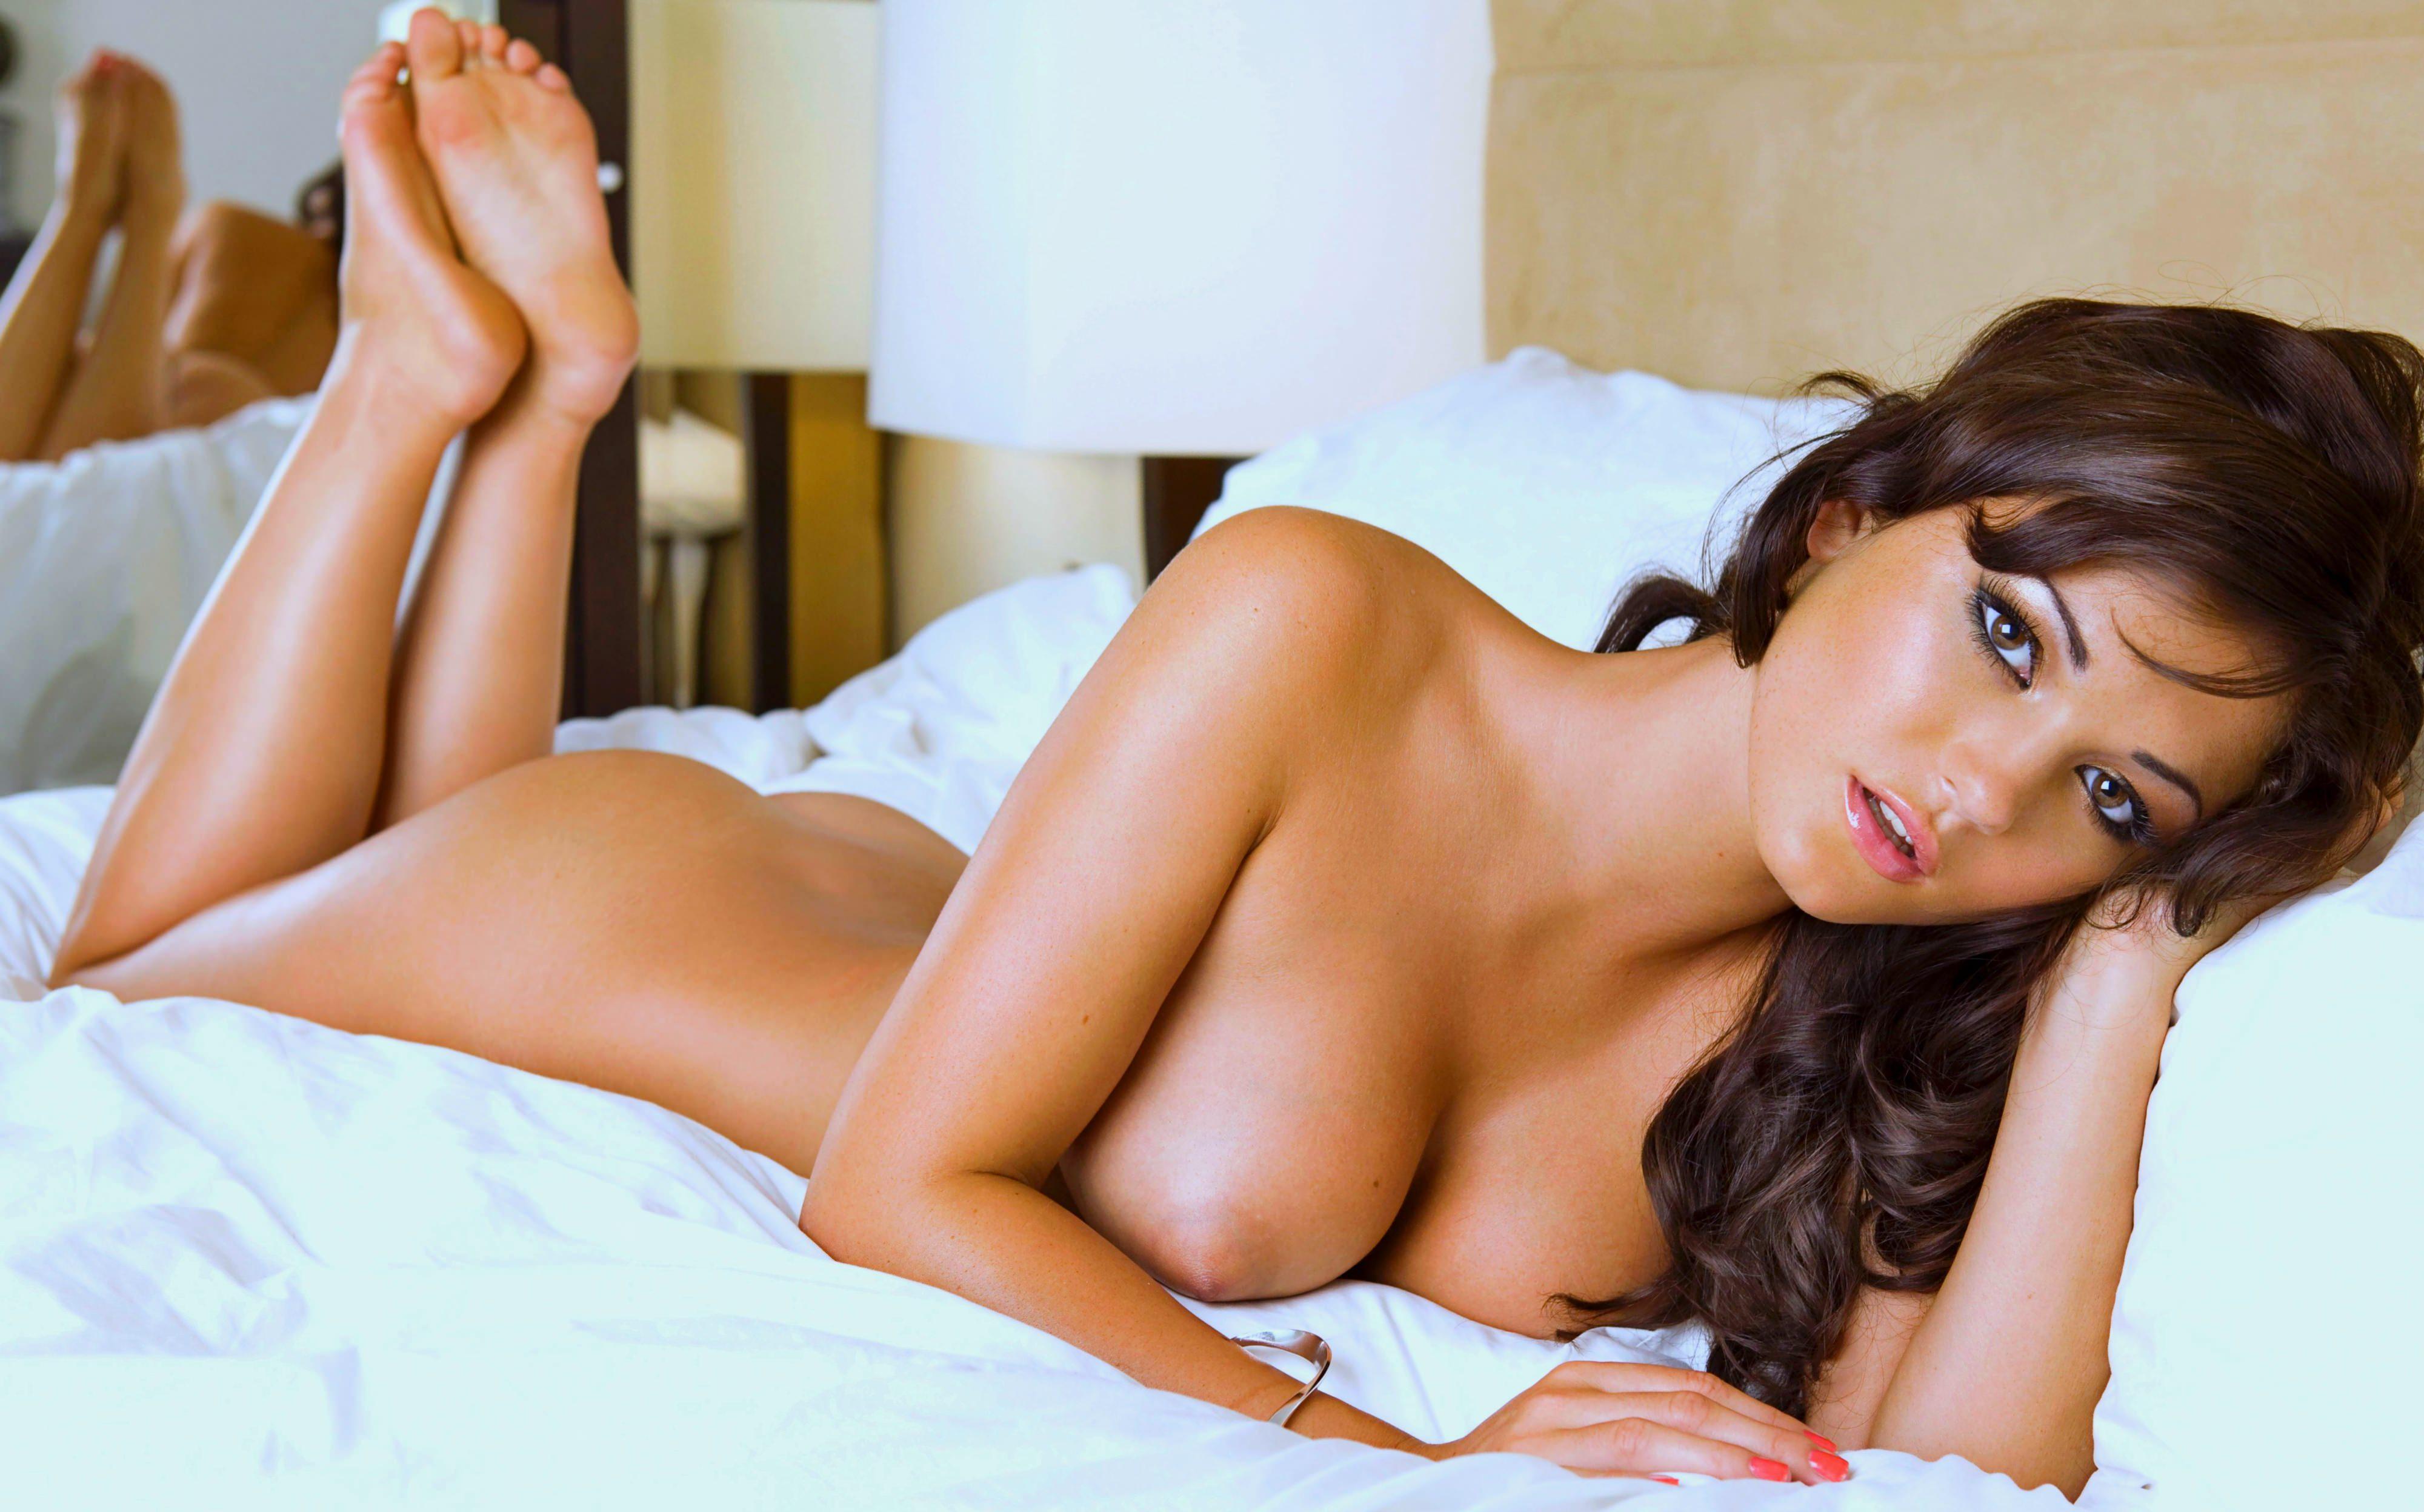 Смотреть онлайн порно самая сексуальная женщина мира 11 фотография